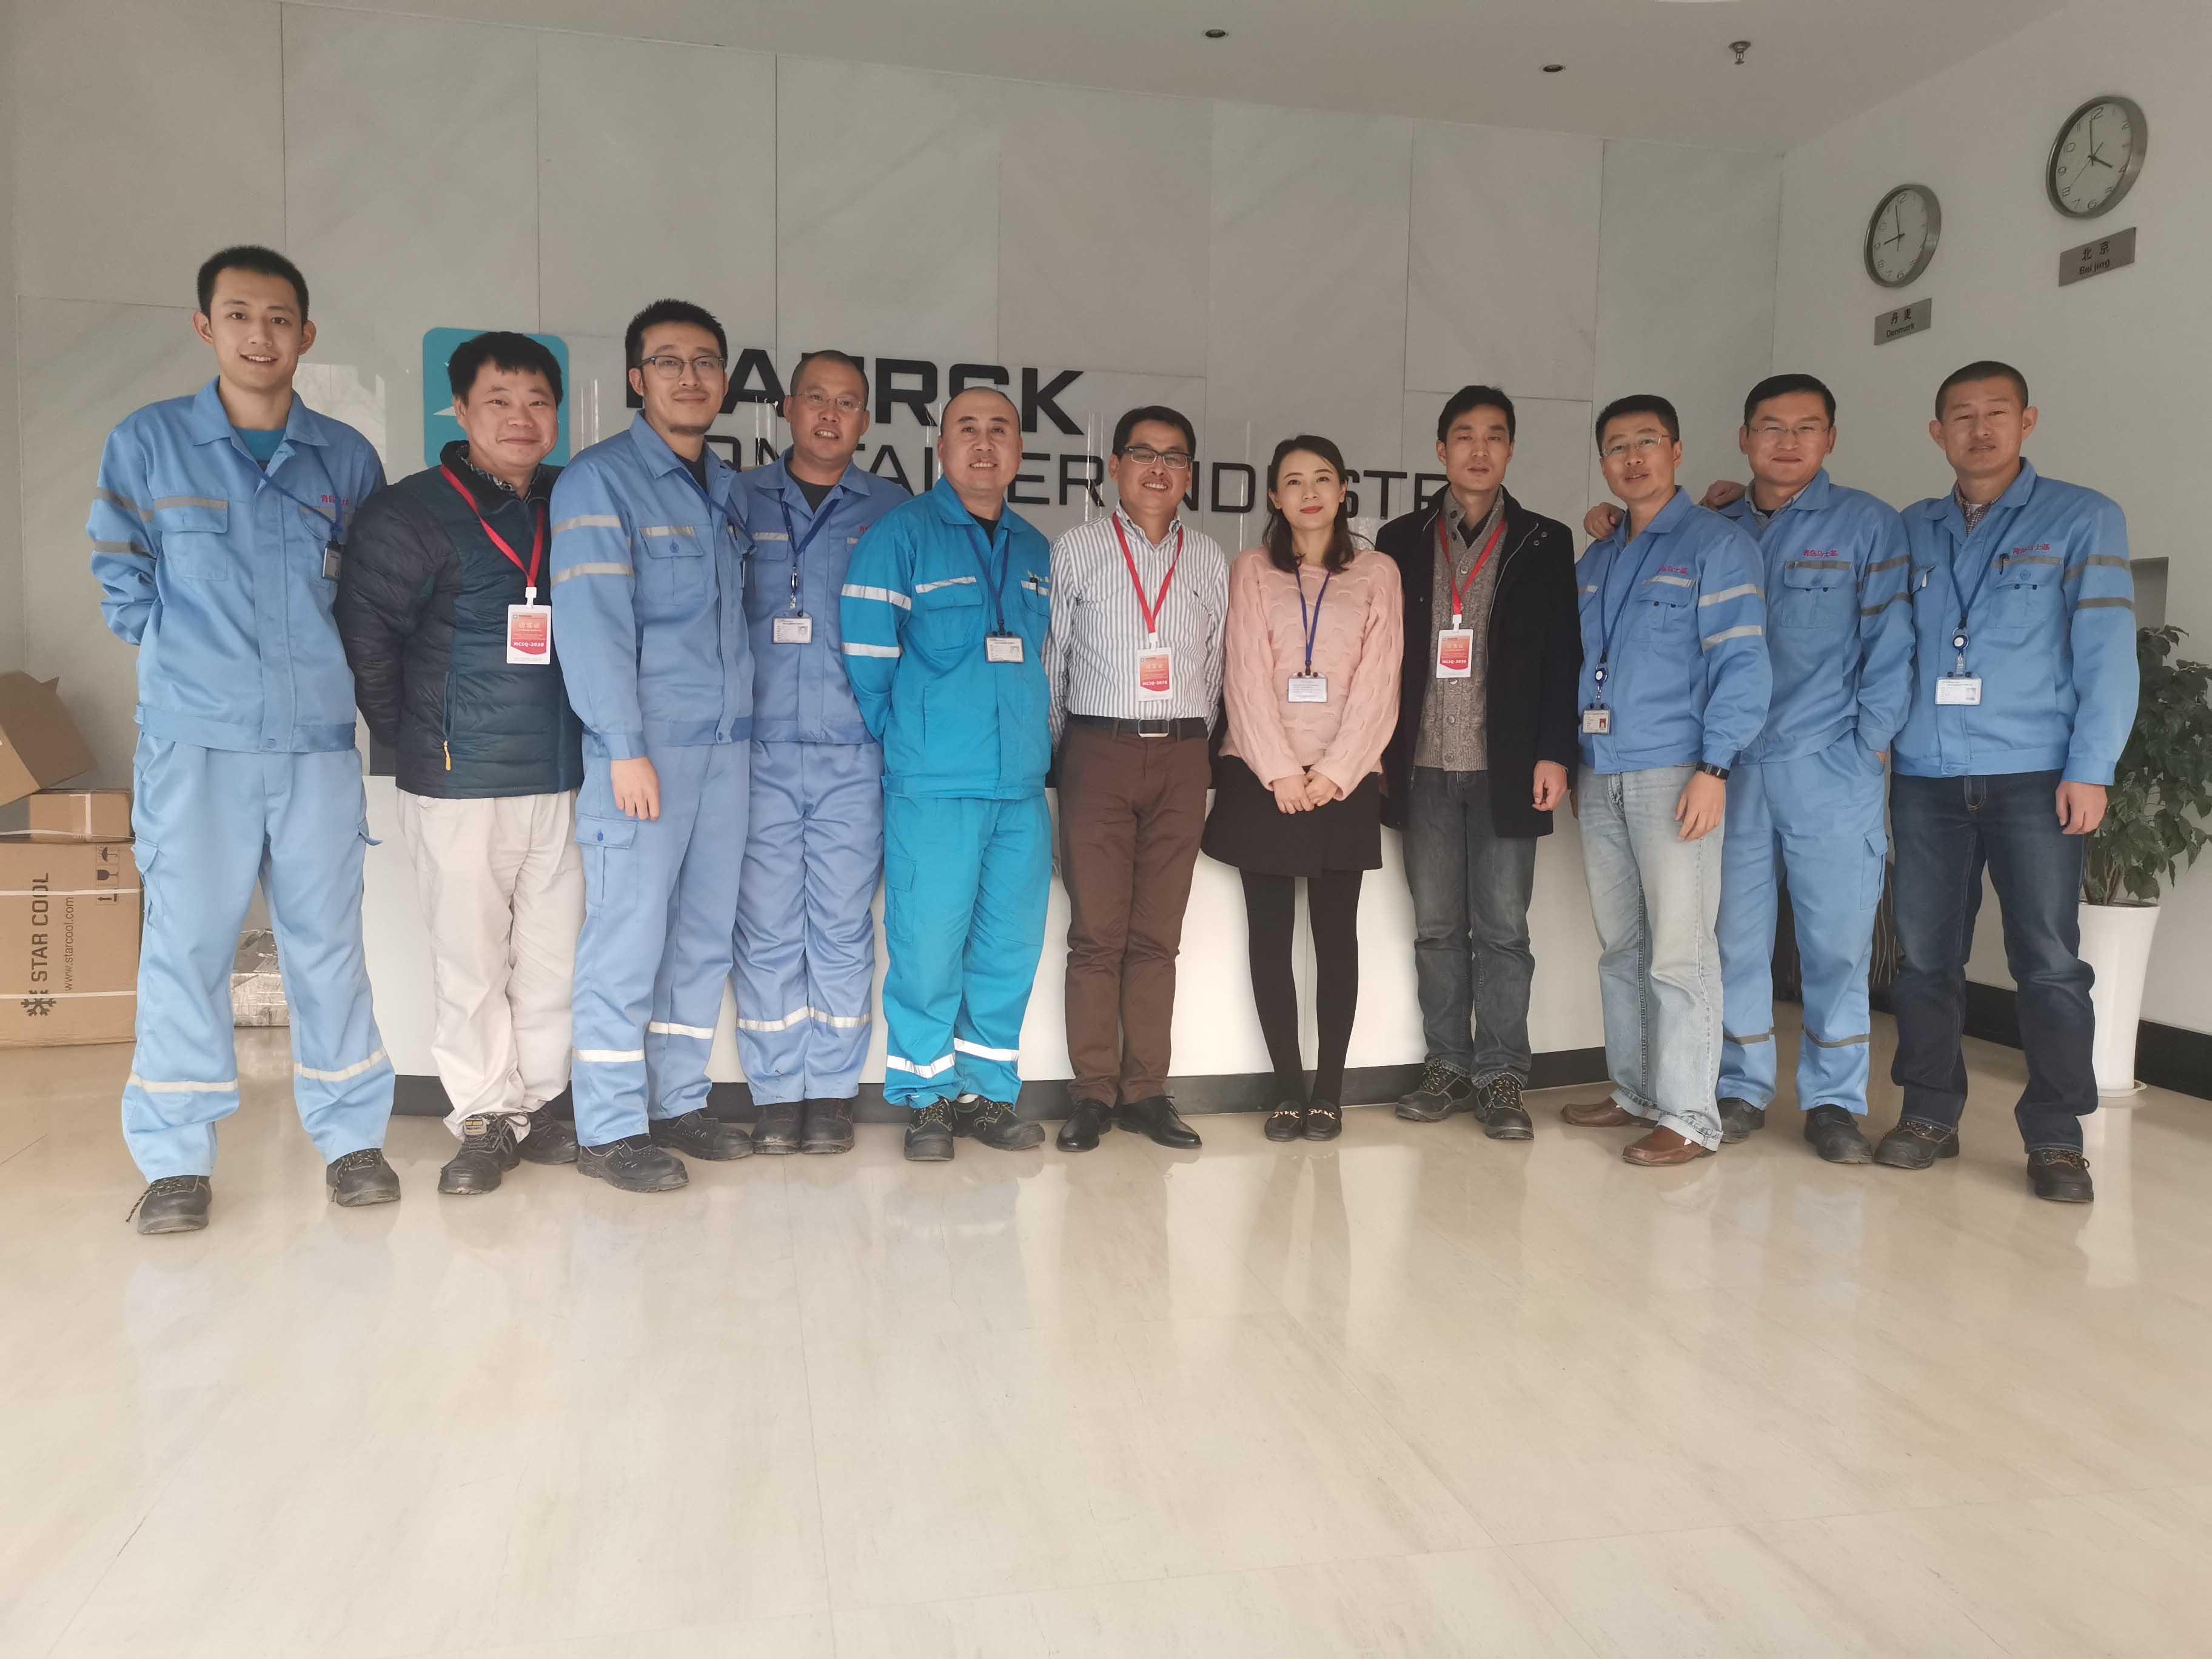 青岛马士基企业安全成熟度评估项目圆满完成!